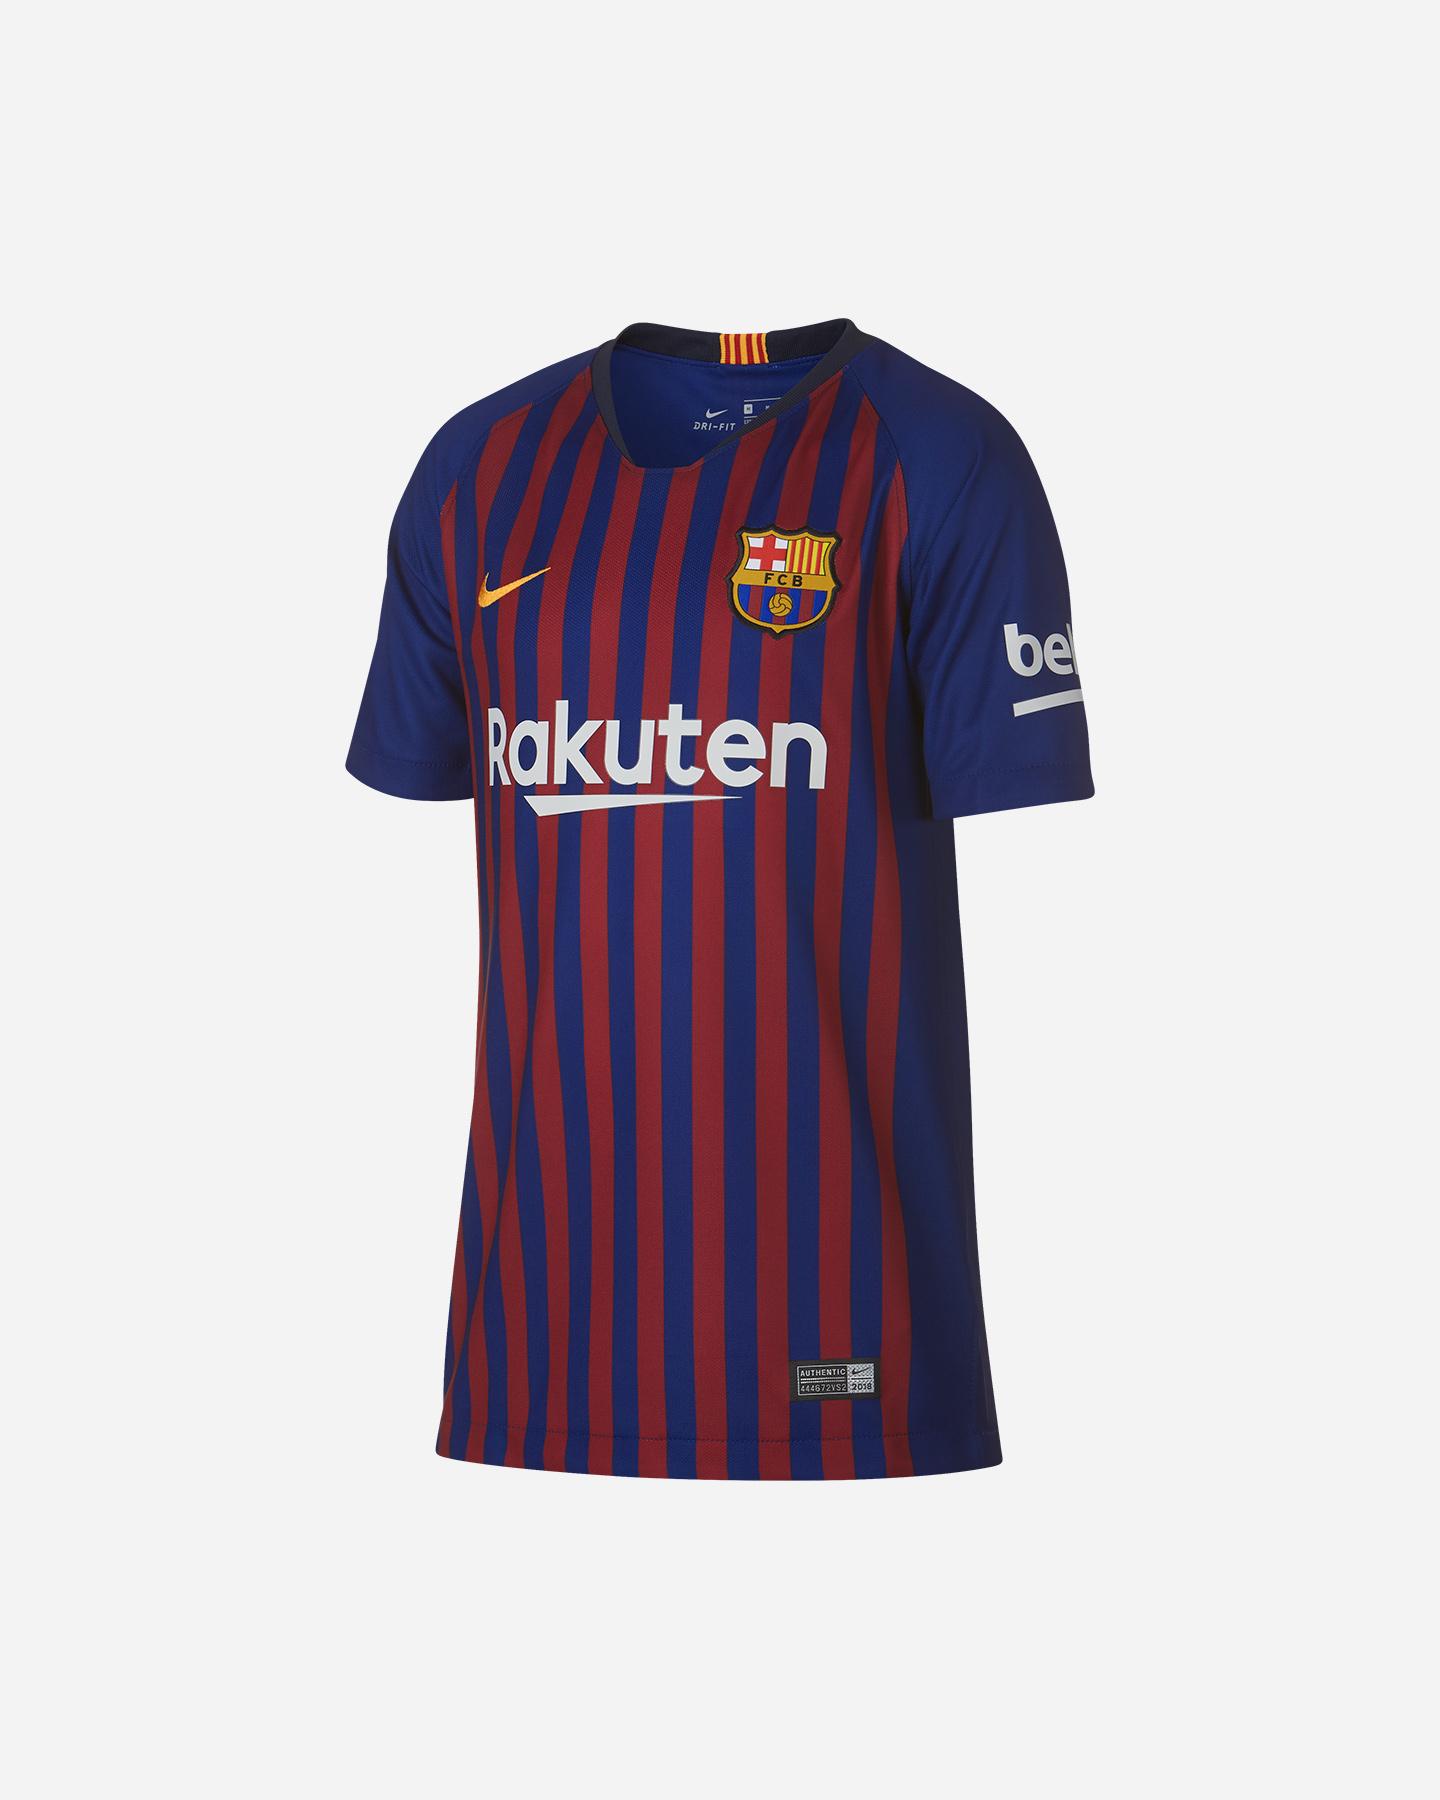 Su 894458 Maglia Cisalfa 19 Home Nike 456 Jr Barcellona 18 Calcio xHUfpPSq